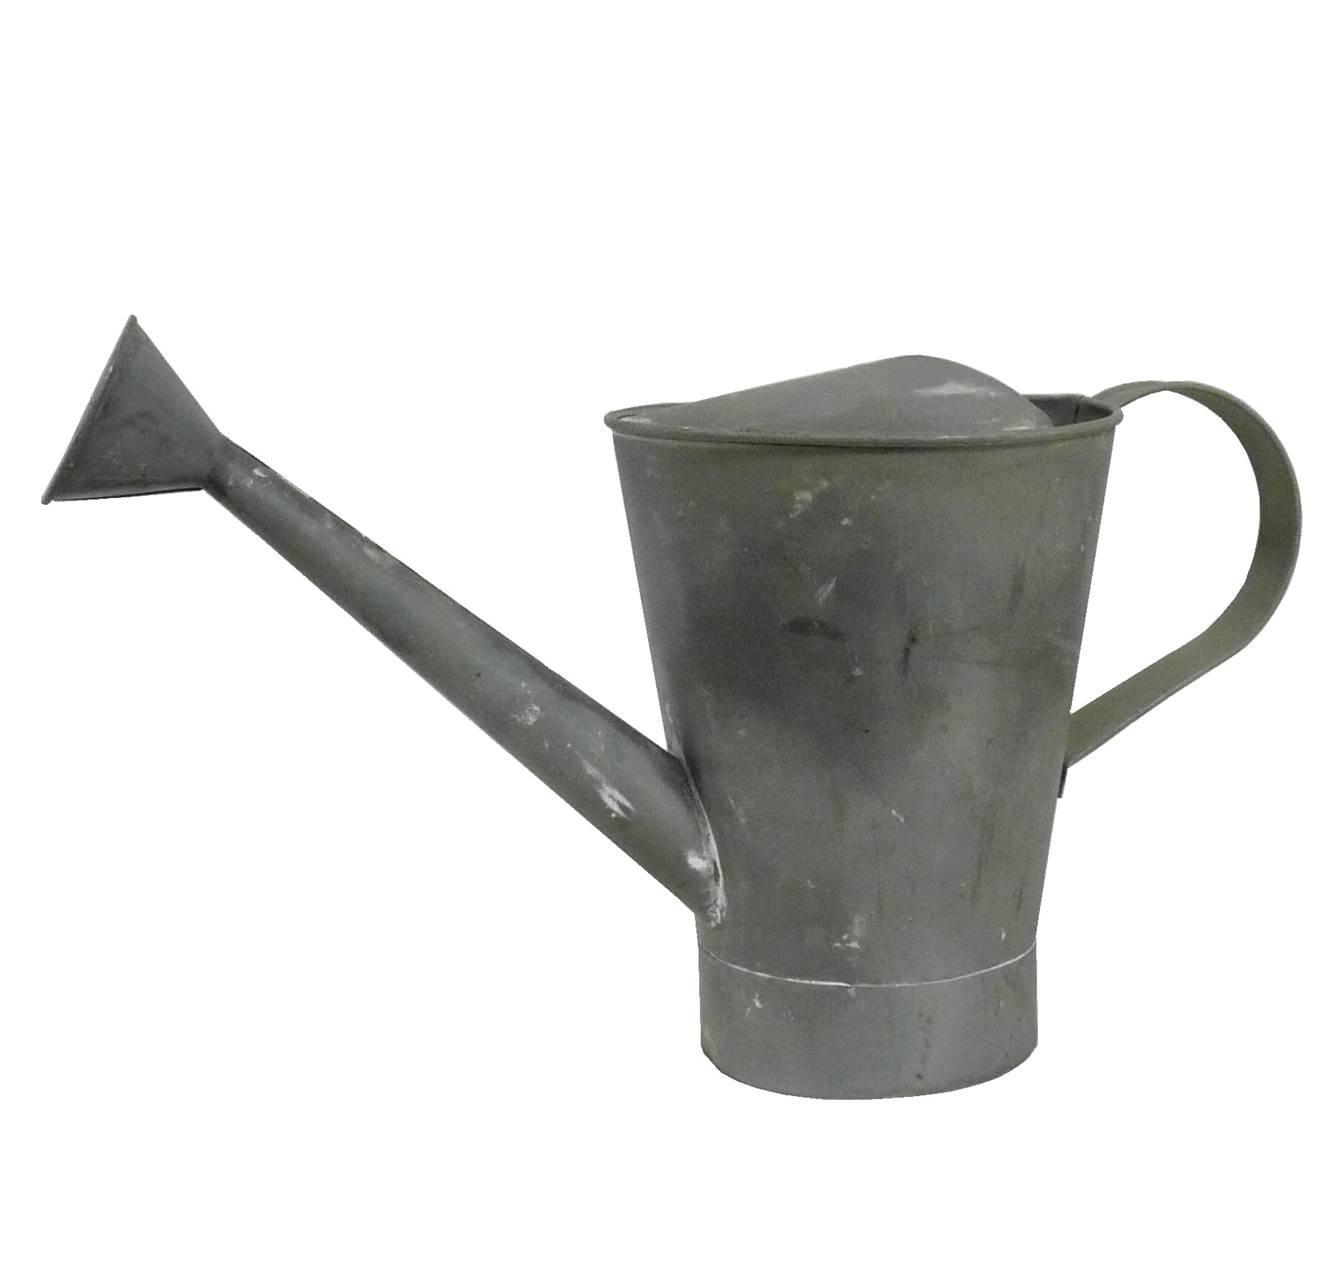 Arrosoir Etanche Ou Broc Décoratif Façon Zinc En Fer Patiné Gris 16 5x22 5x40cm